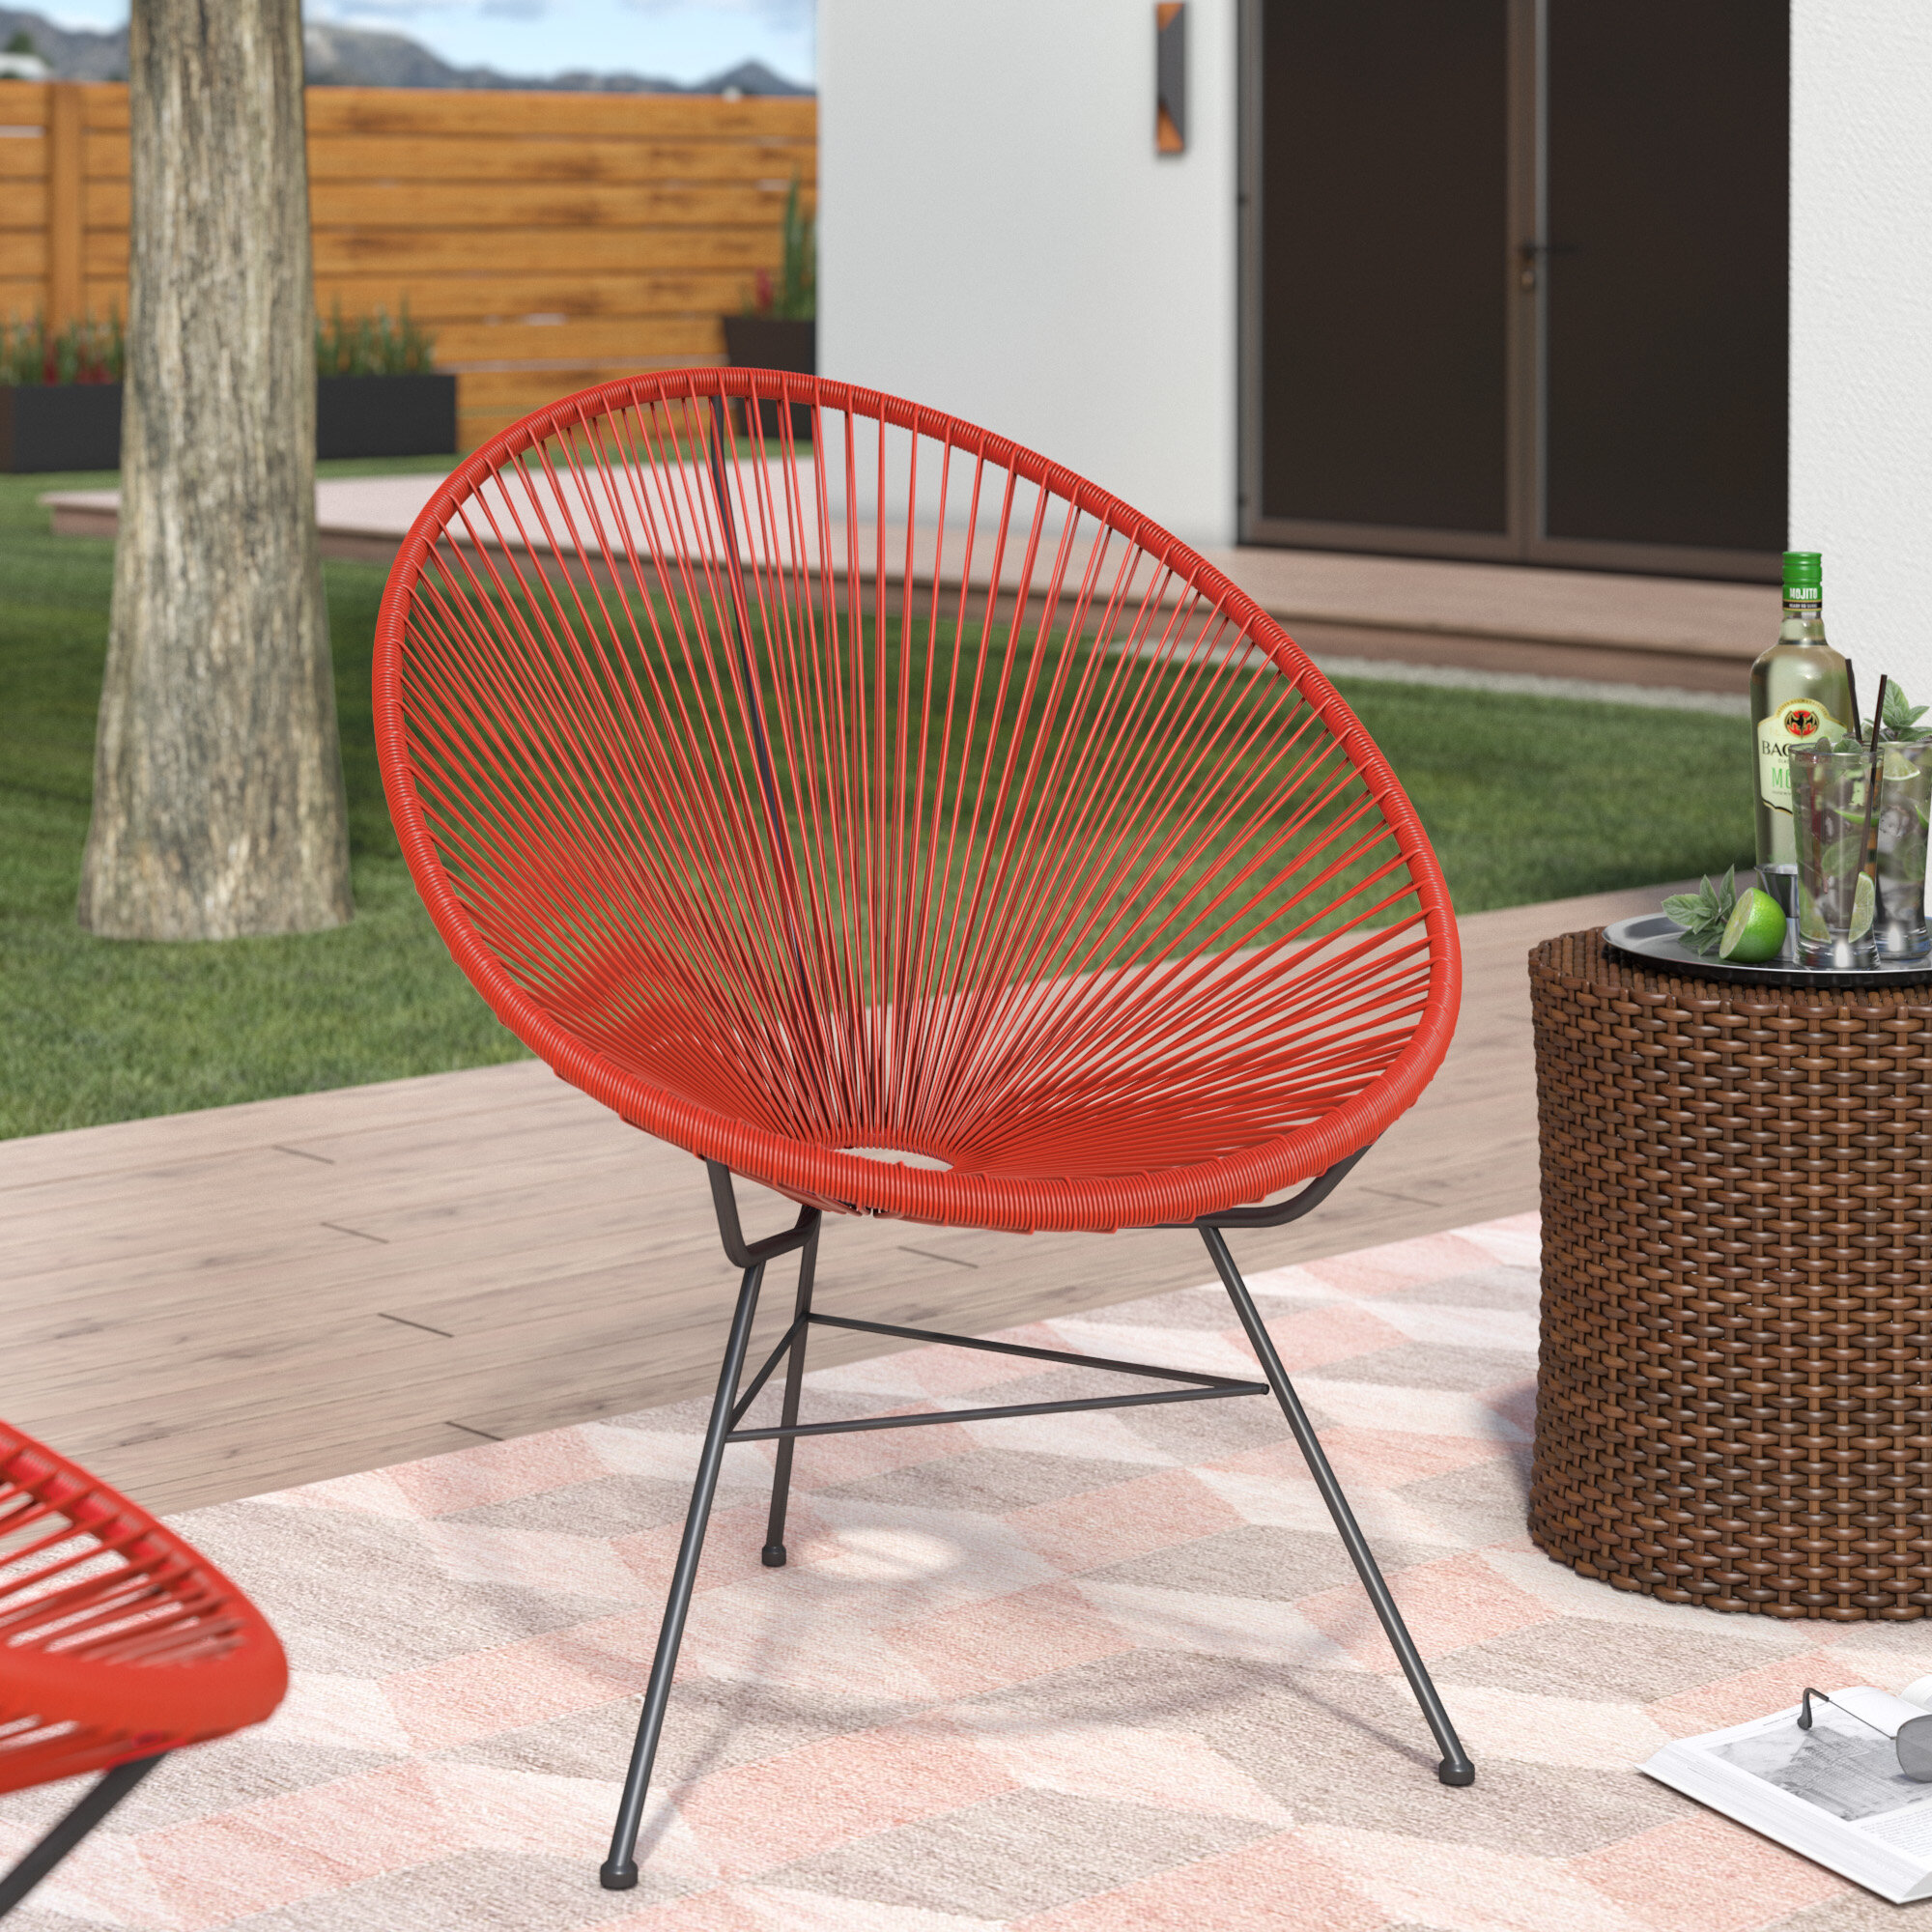 Wondrous Bradley Acapulco Papasan Outdoor Chair Camellatalisay Diy Chair Ideas Camellatalisaycom